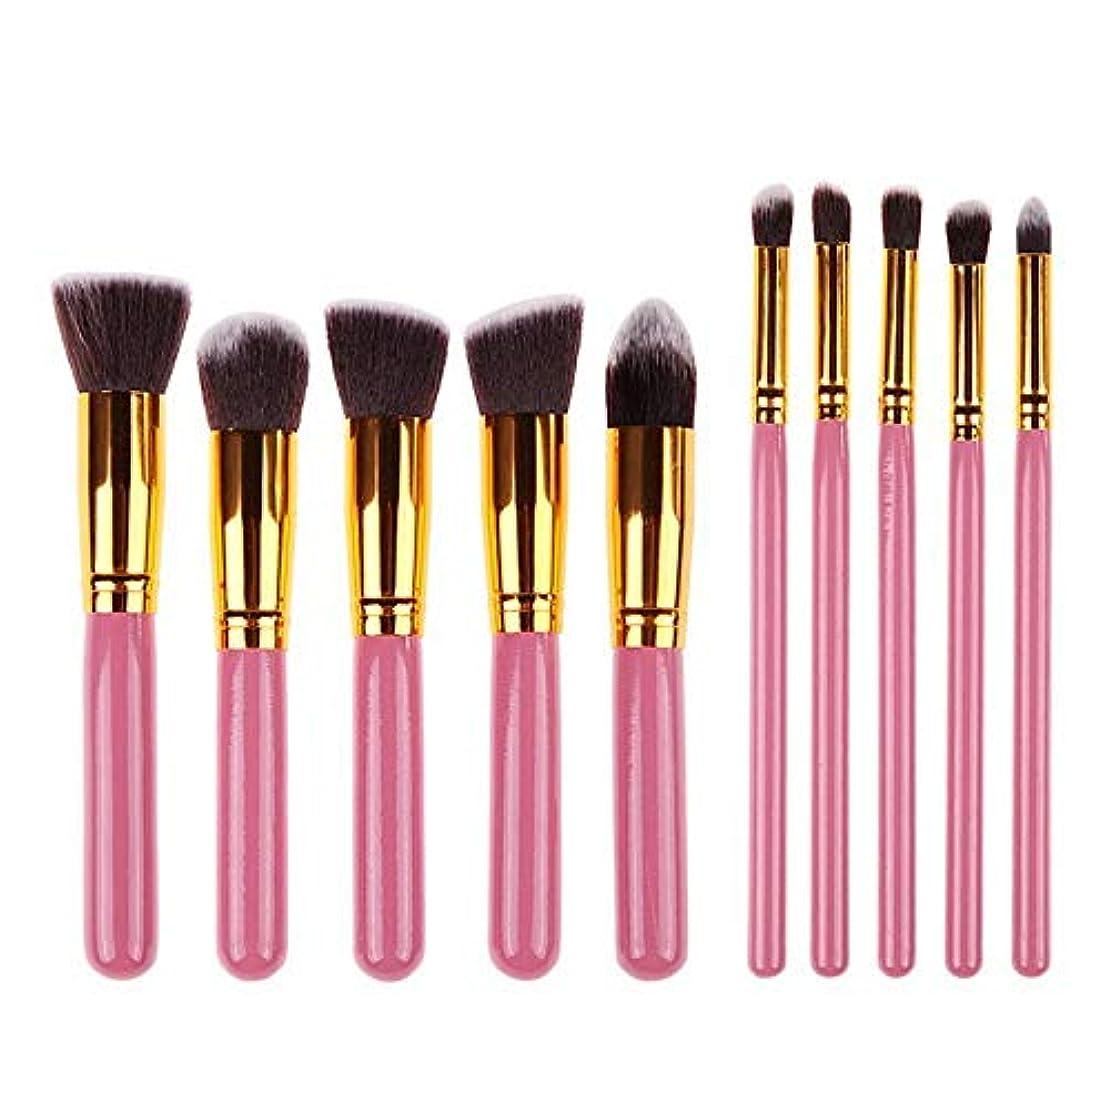 冷える奨学金検索エンジンマーケティングMakeup brushes 10ピースピンクメイクアップブラシセット革新的な簡単パウダーパウダーアイシャドウブラシ輪郭ブラシ suits (Color : Pink Gold)